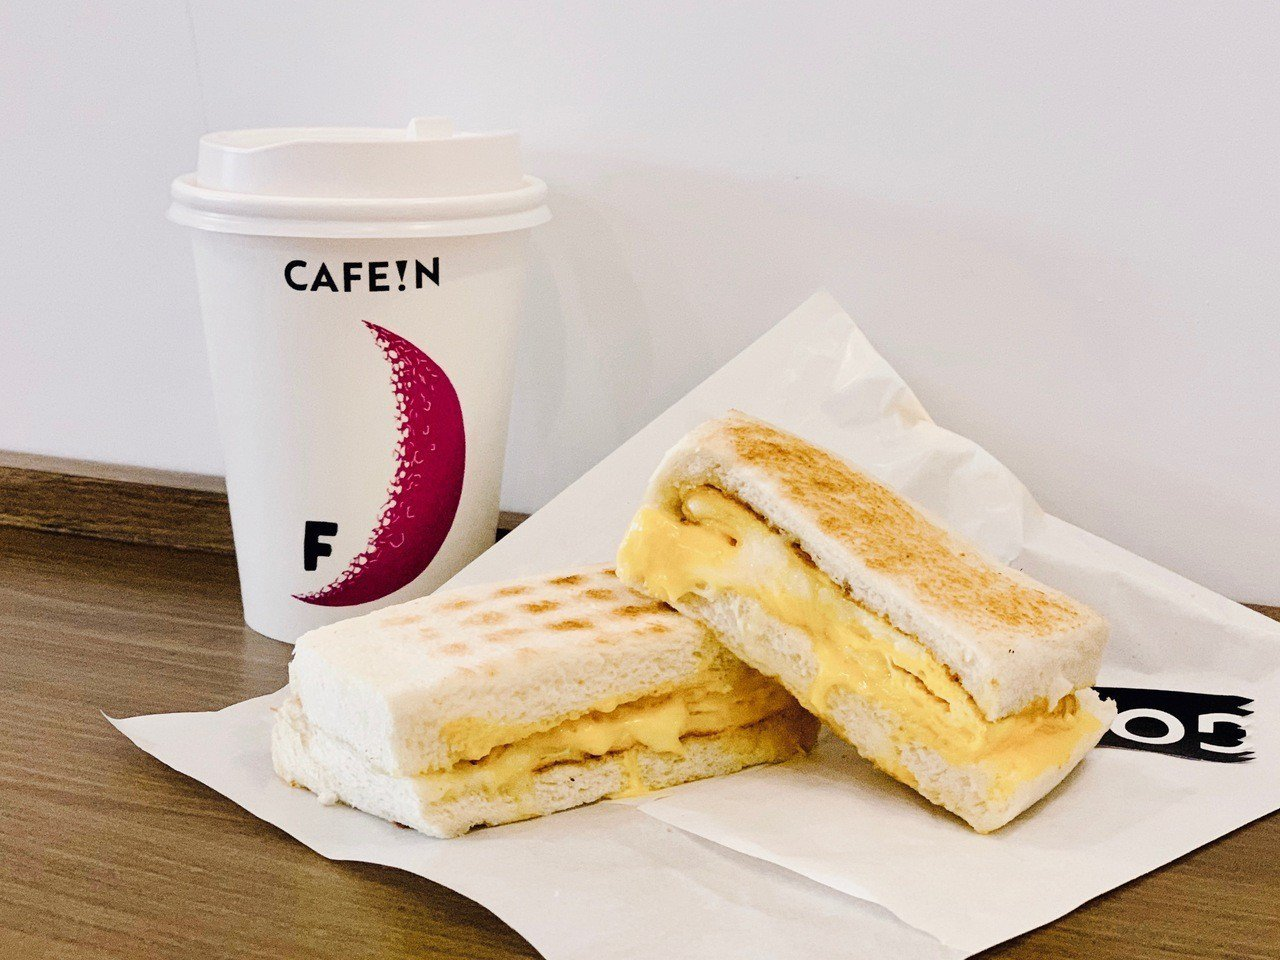 CAFE!N蛋香雙層起司三明治,售價80元。記者張芳瑜/攝影